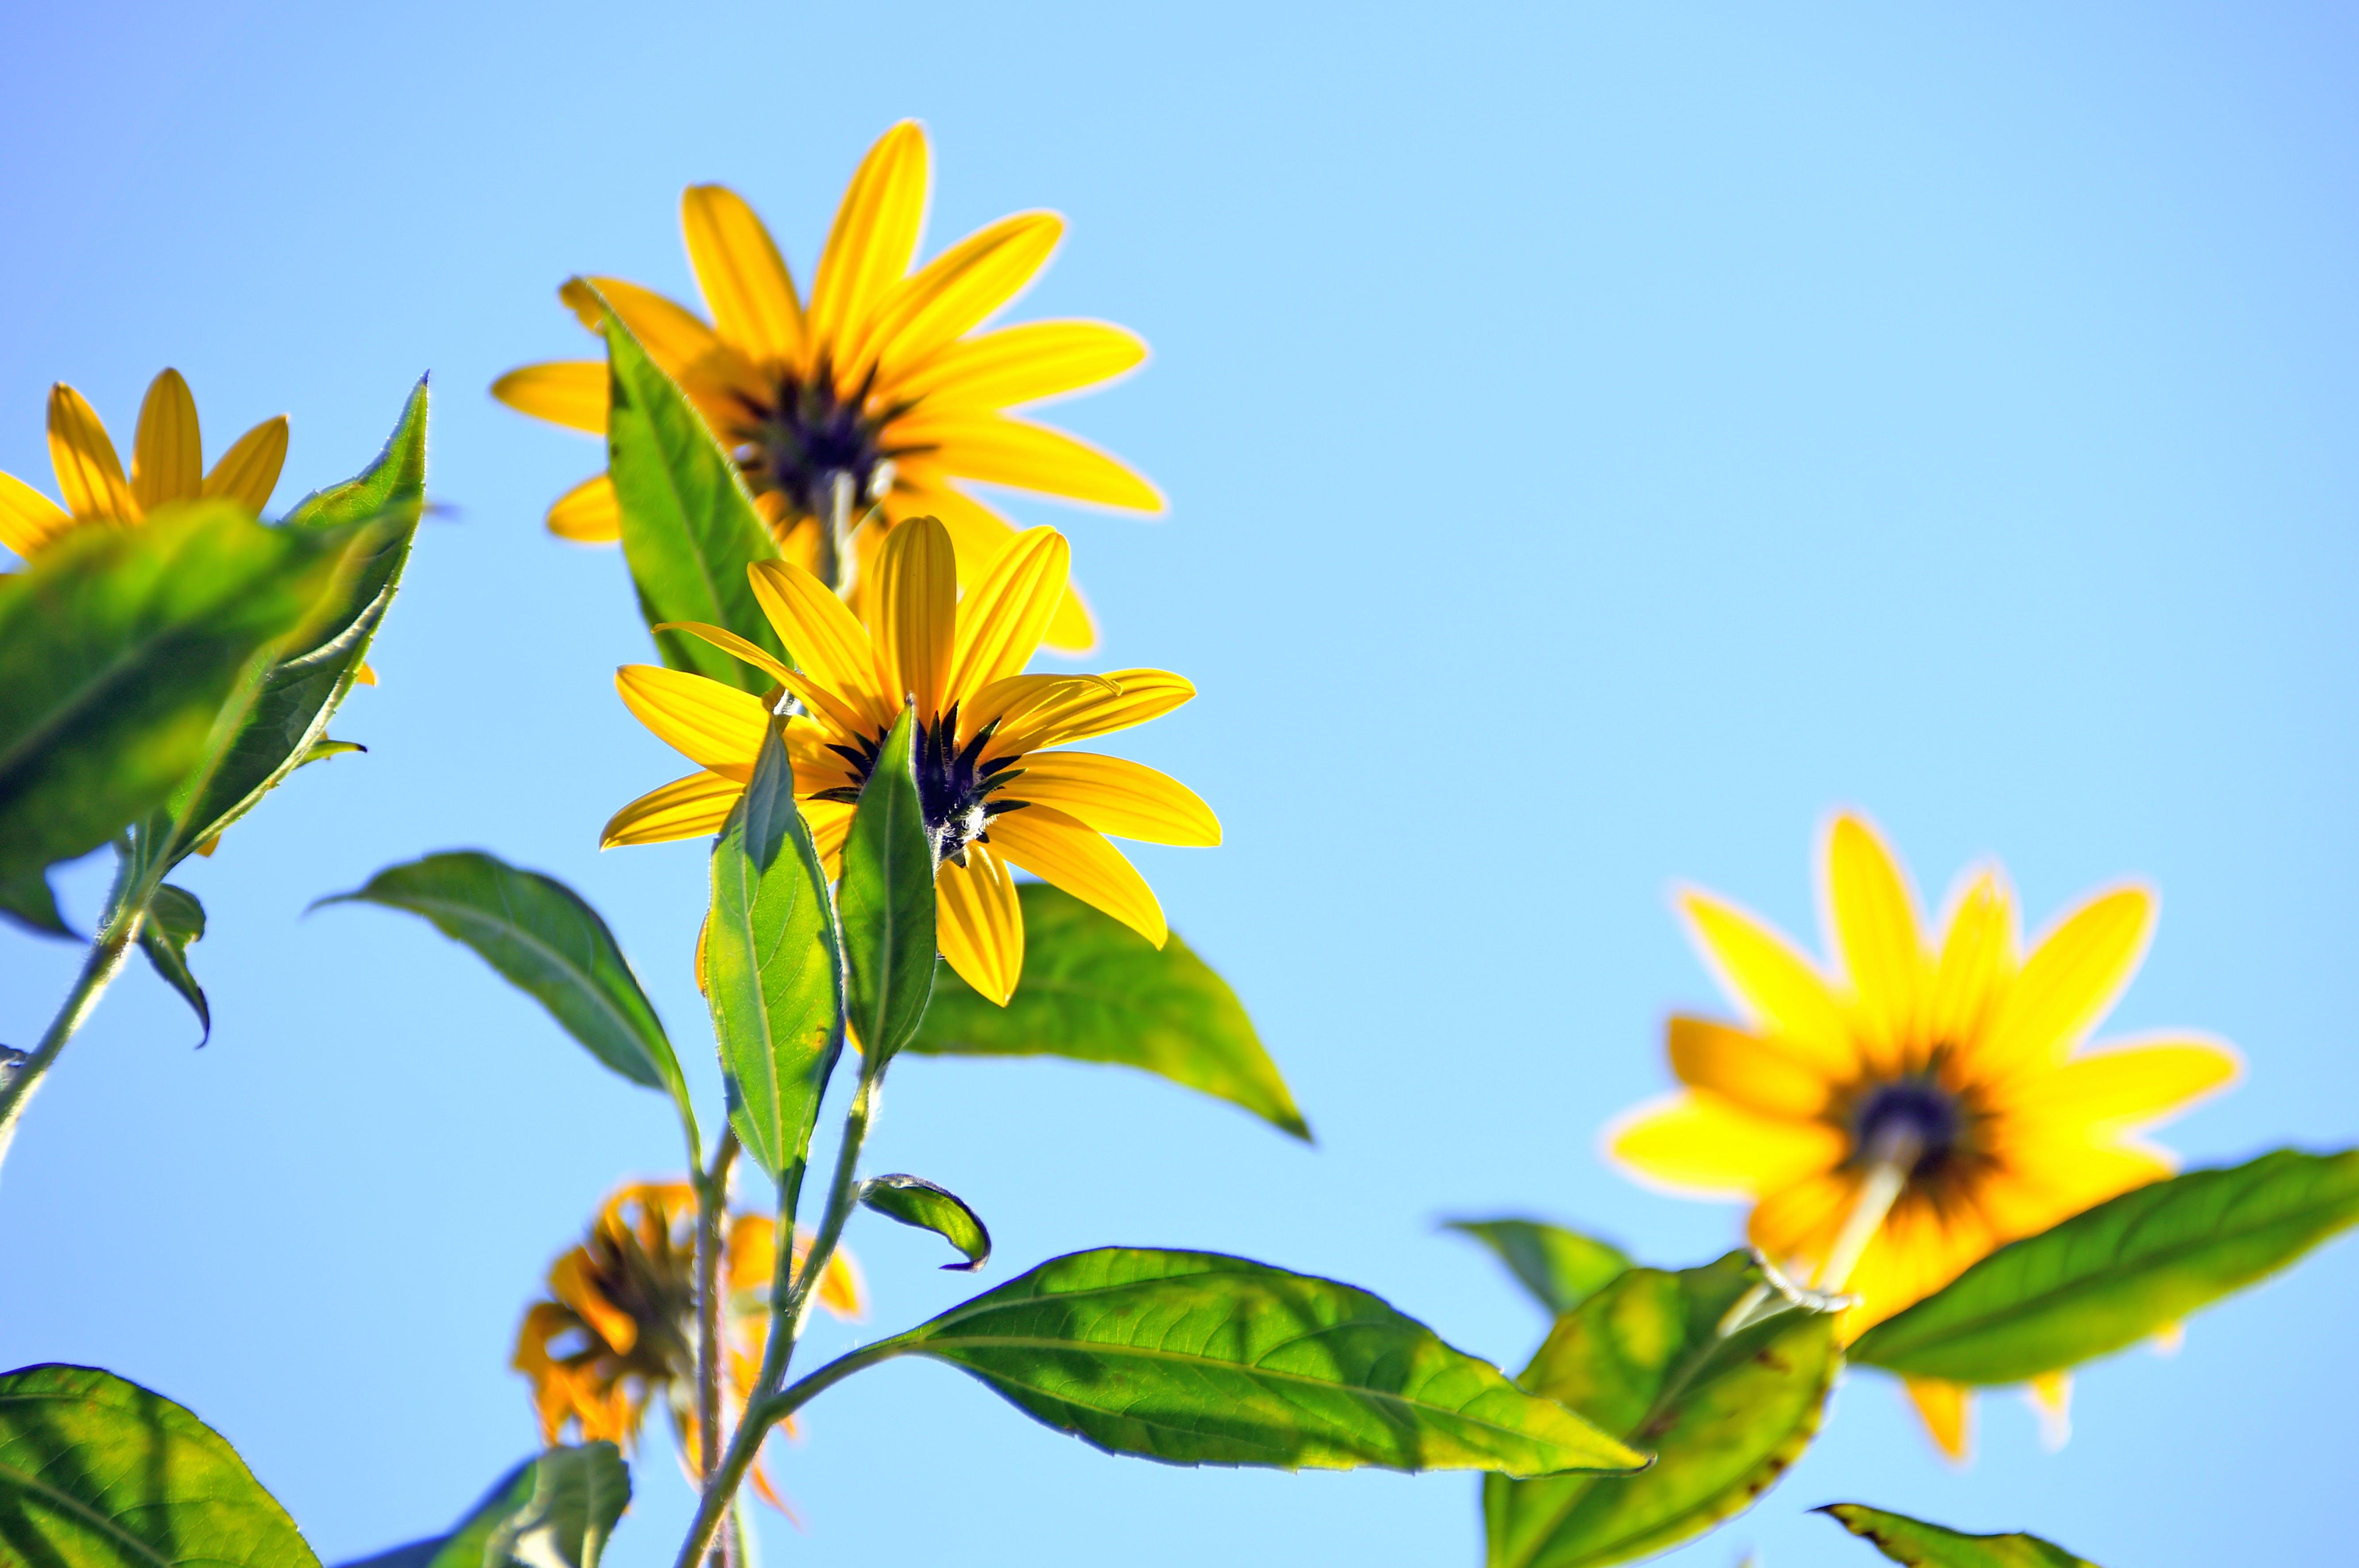 arka fon, Bahçe, bitki, bitki örtüsü içeren Ücretsiz stok fotoğraf